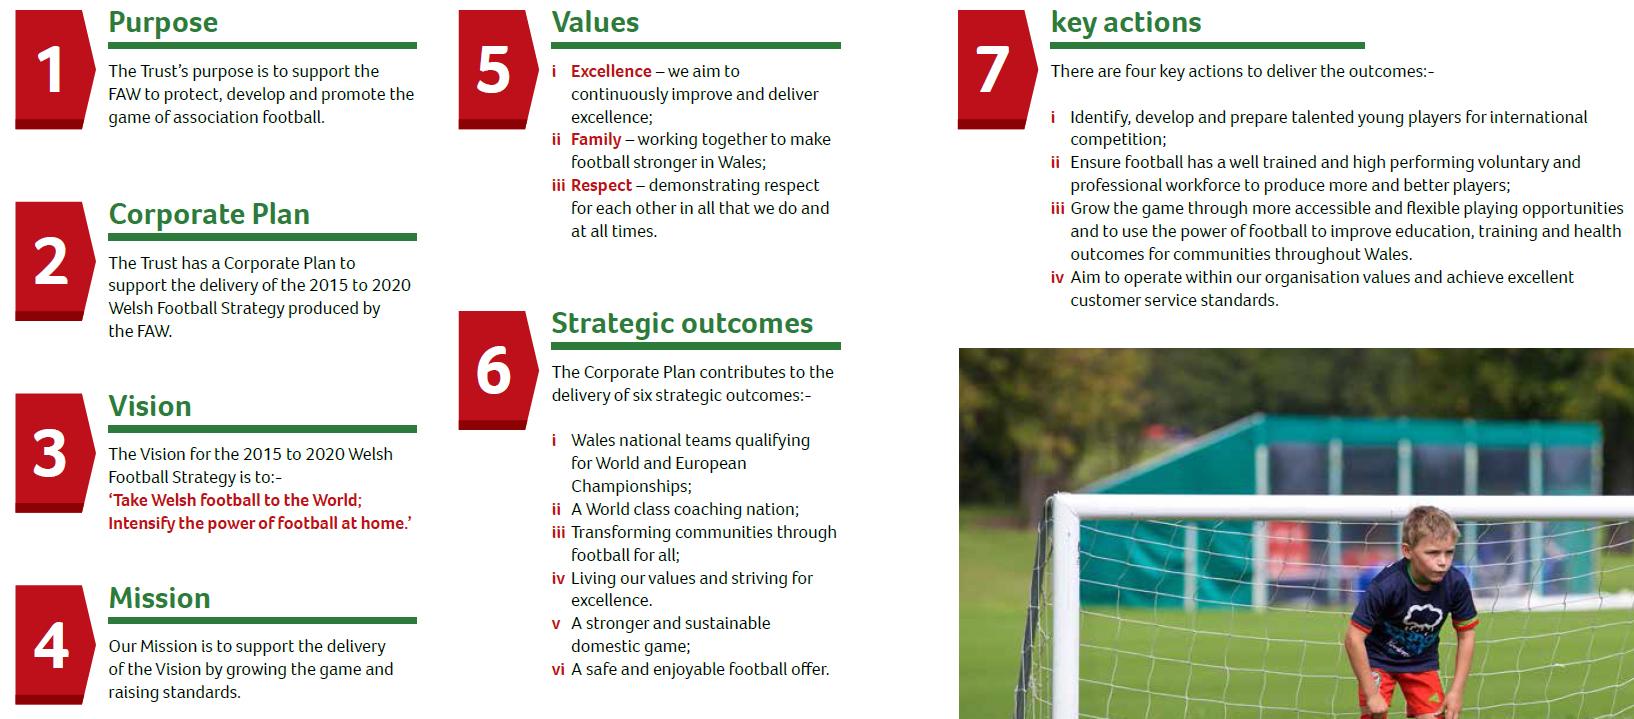 Purpose, Vision & Goals | FAW Trust